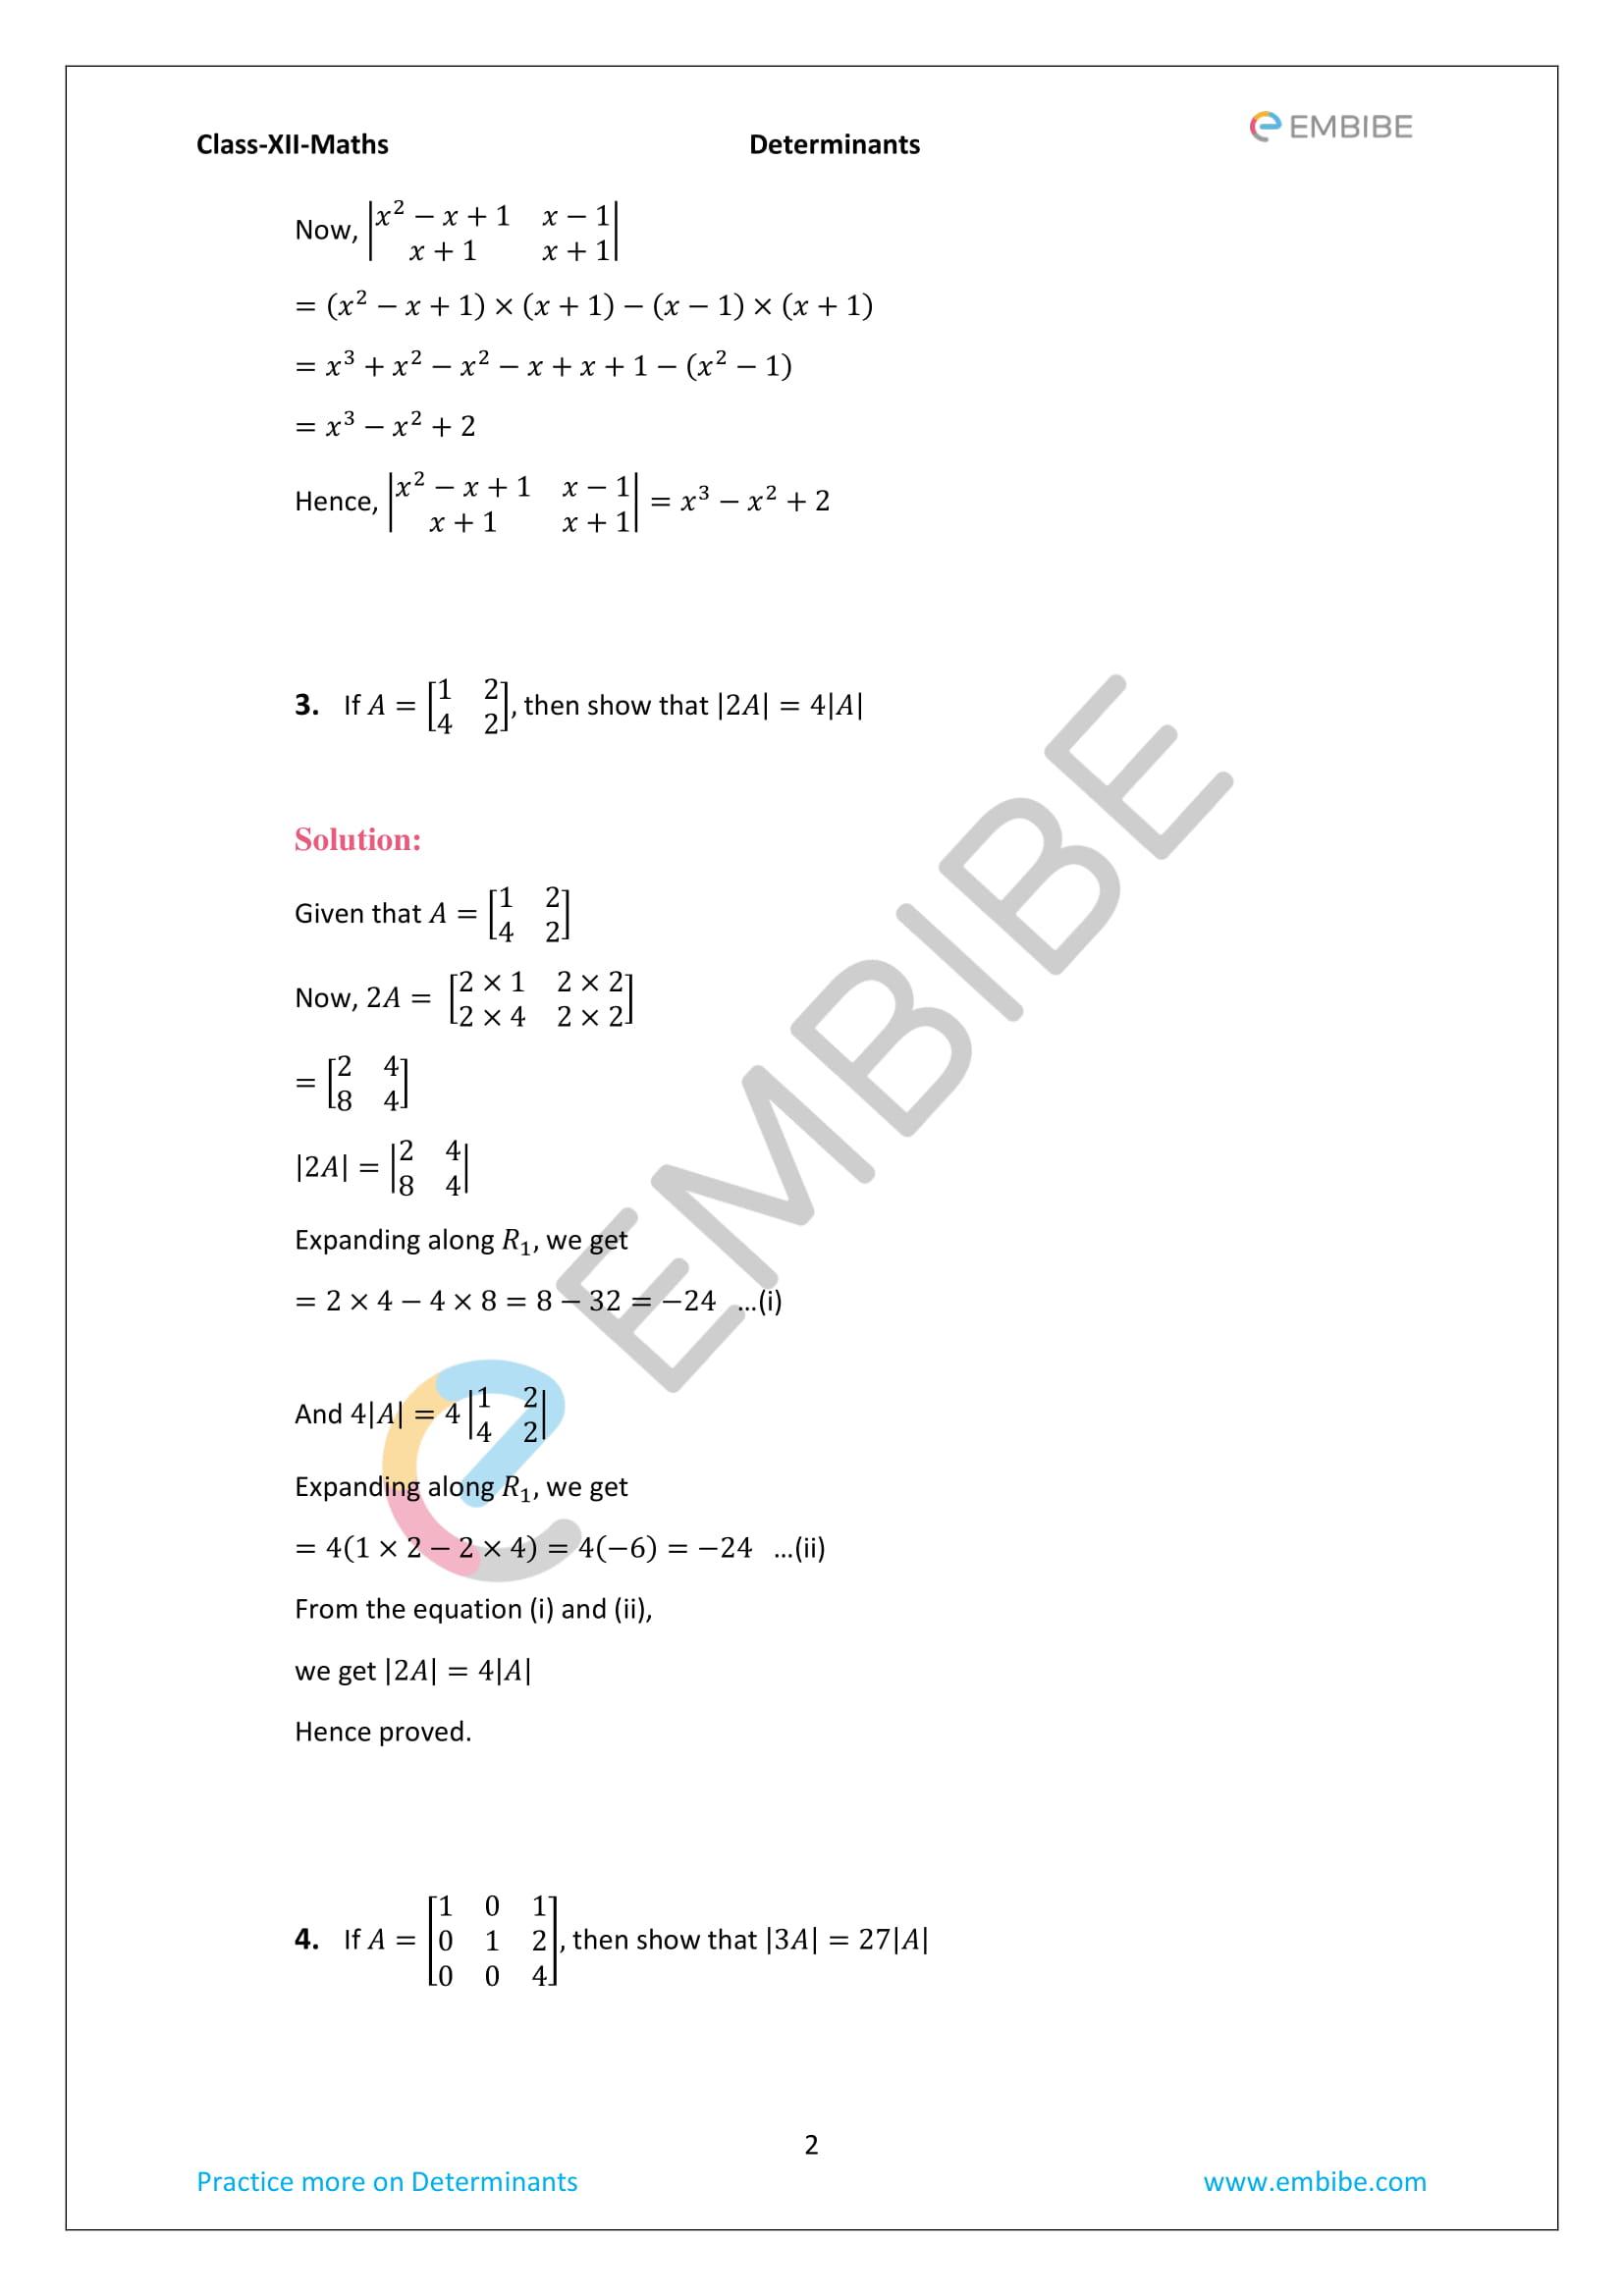 cbse ncert solutions for class 12 maths chapter 4